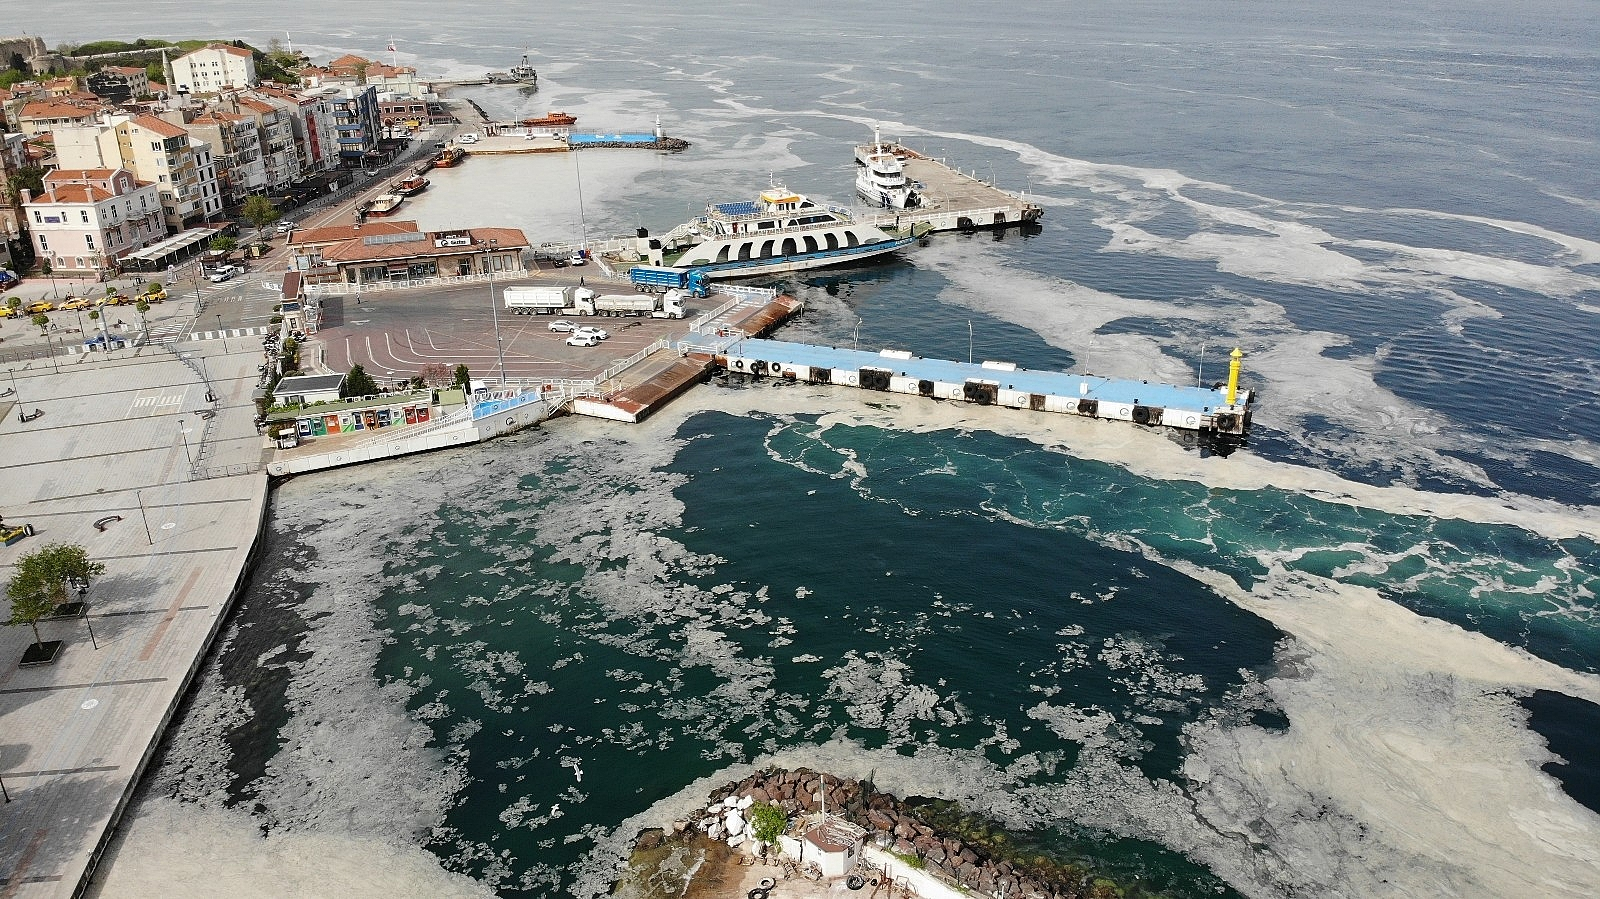 2021/05/uzmanlardan-musilaj-olan-bolgelerde-denize-girilmemesi-uyarisi-20210511AW31-3.jpg